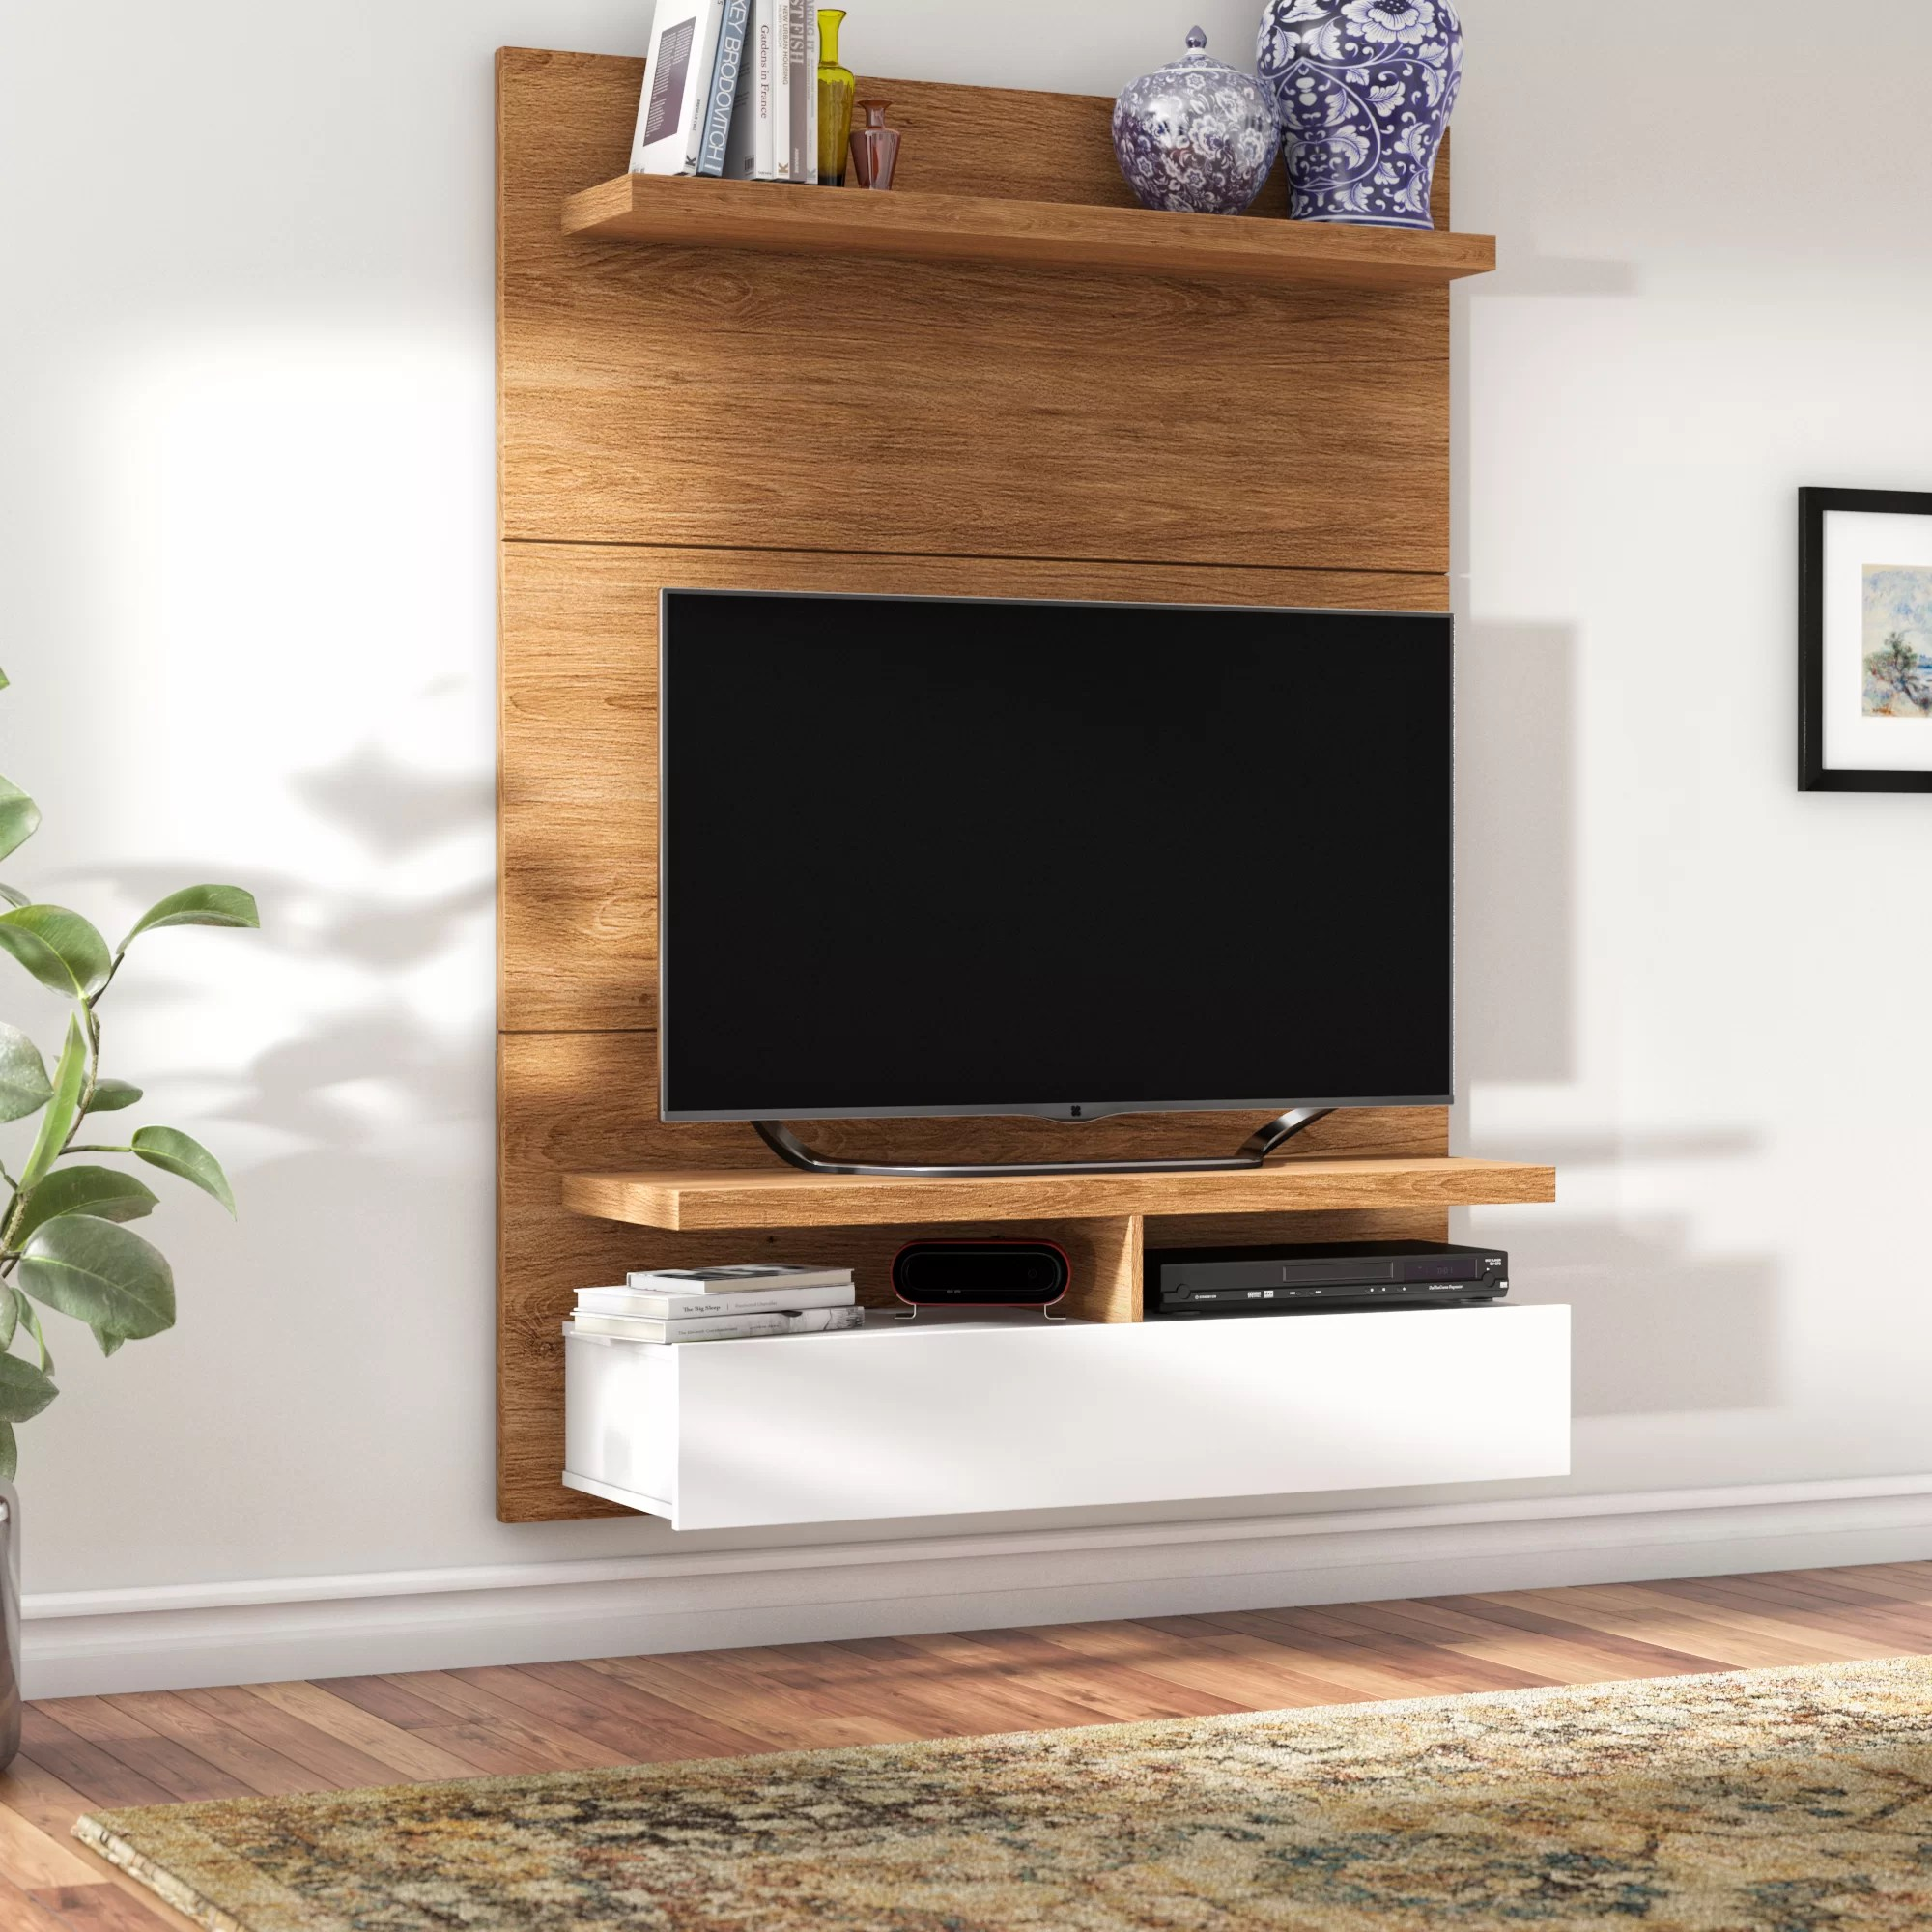 meuble audio video flottant pour televiseur de 42 po ou moins boone